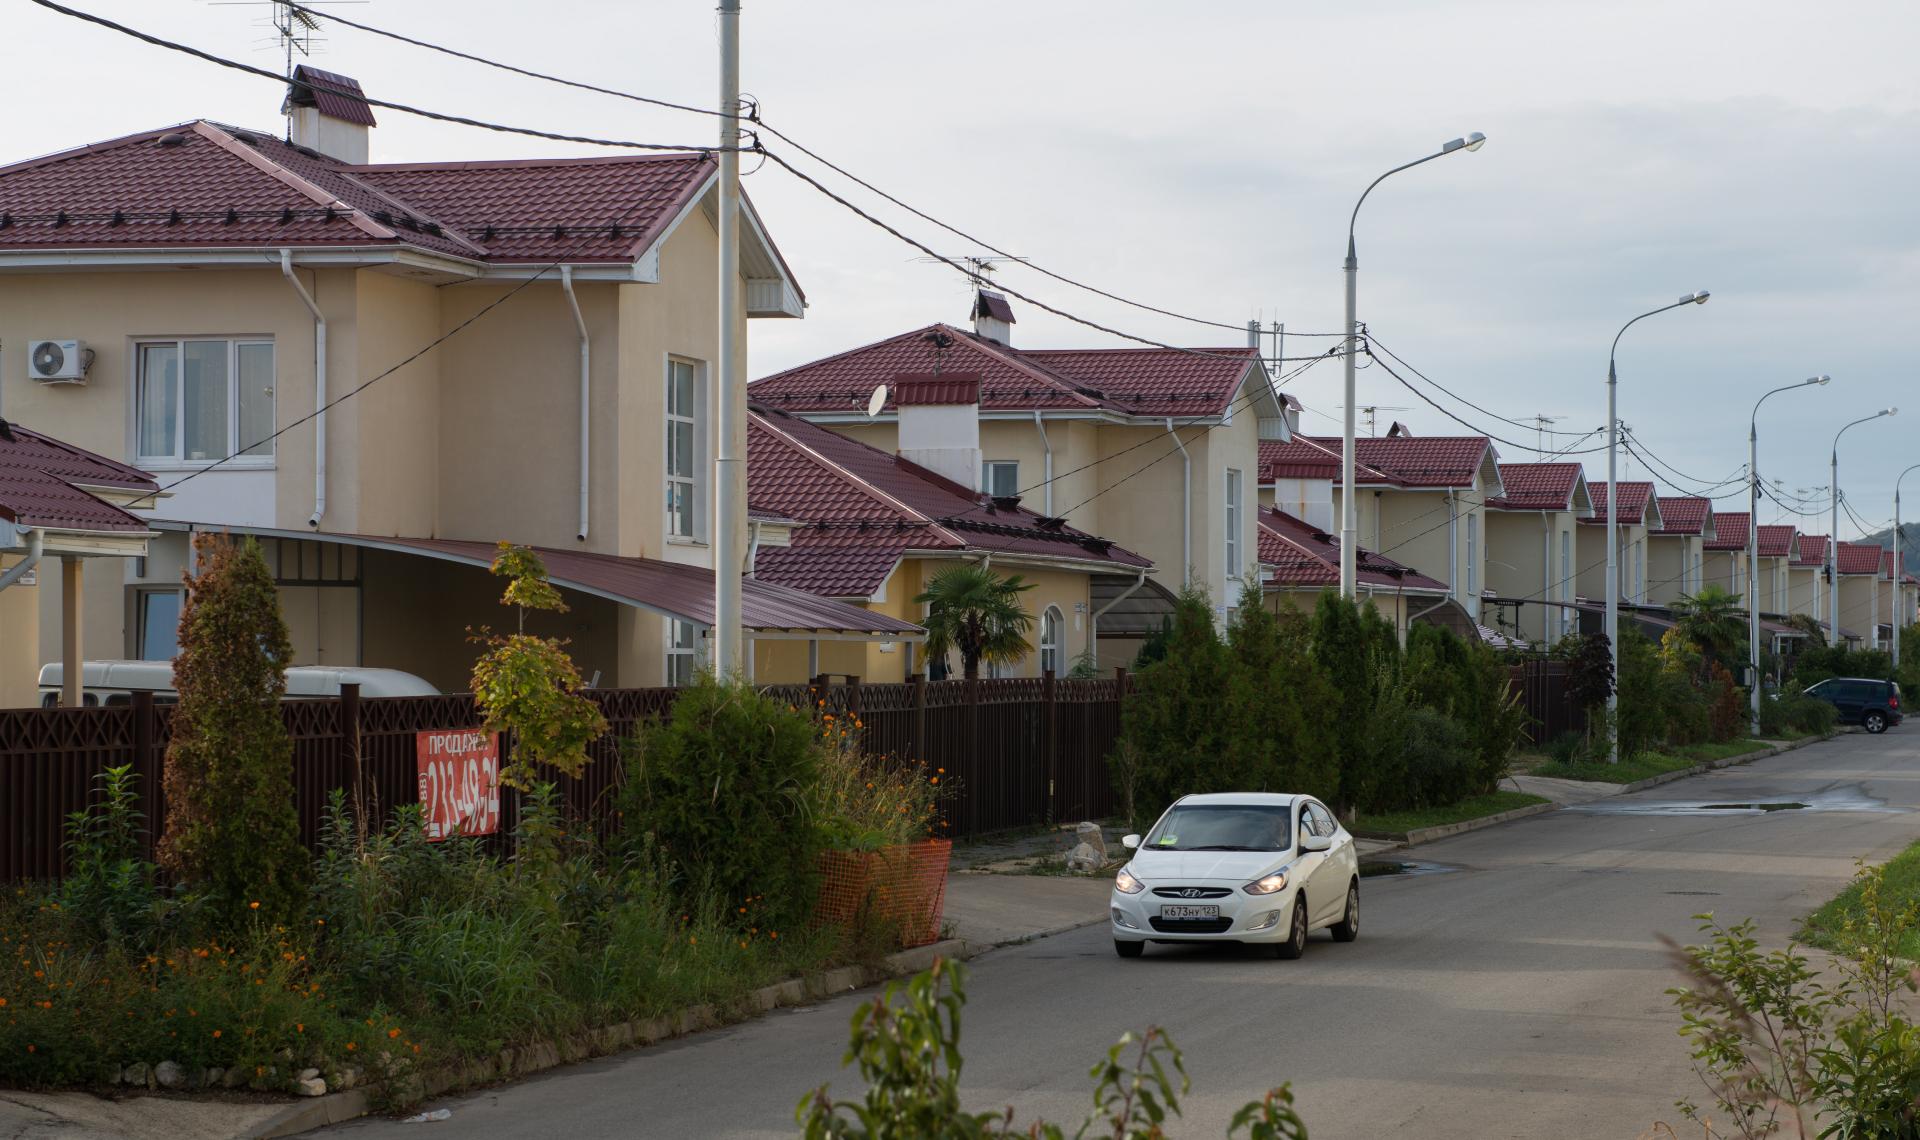 Коттеджи, расположеные неподалеку от Олимпийского парка у побережья Черного моря (район Таврической улицы). Объекты были построены в рамках подготовки к зимним Олимпийским играм 2014 года